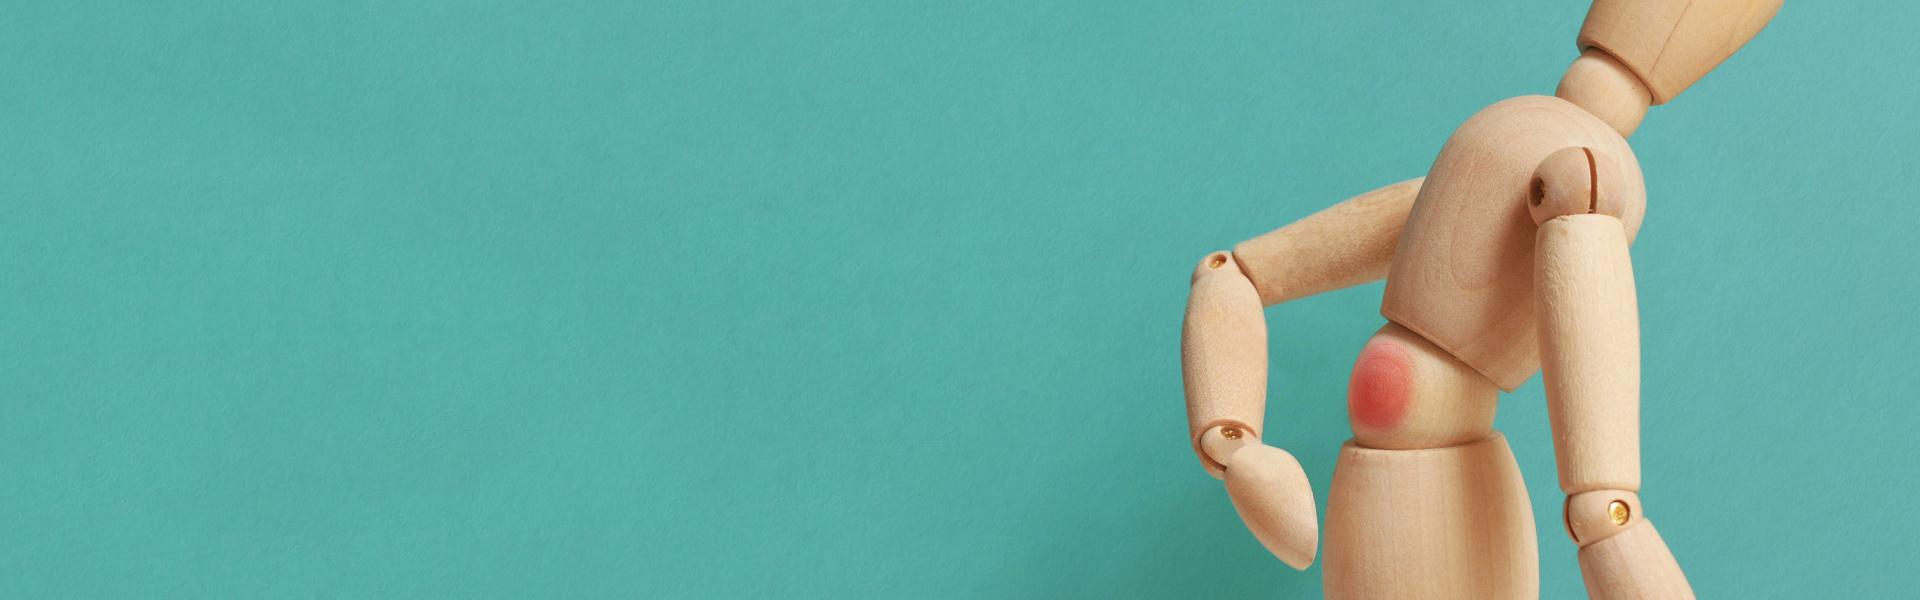 <p>El 80% de la población sufrirá lumbalgia<br /> en algún momento de su vida.</p>